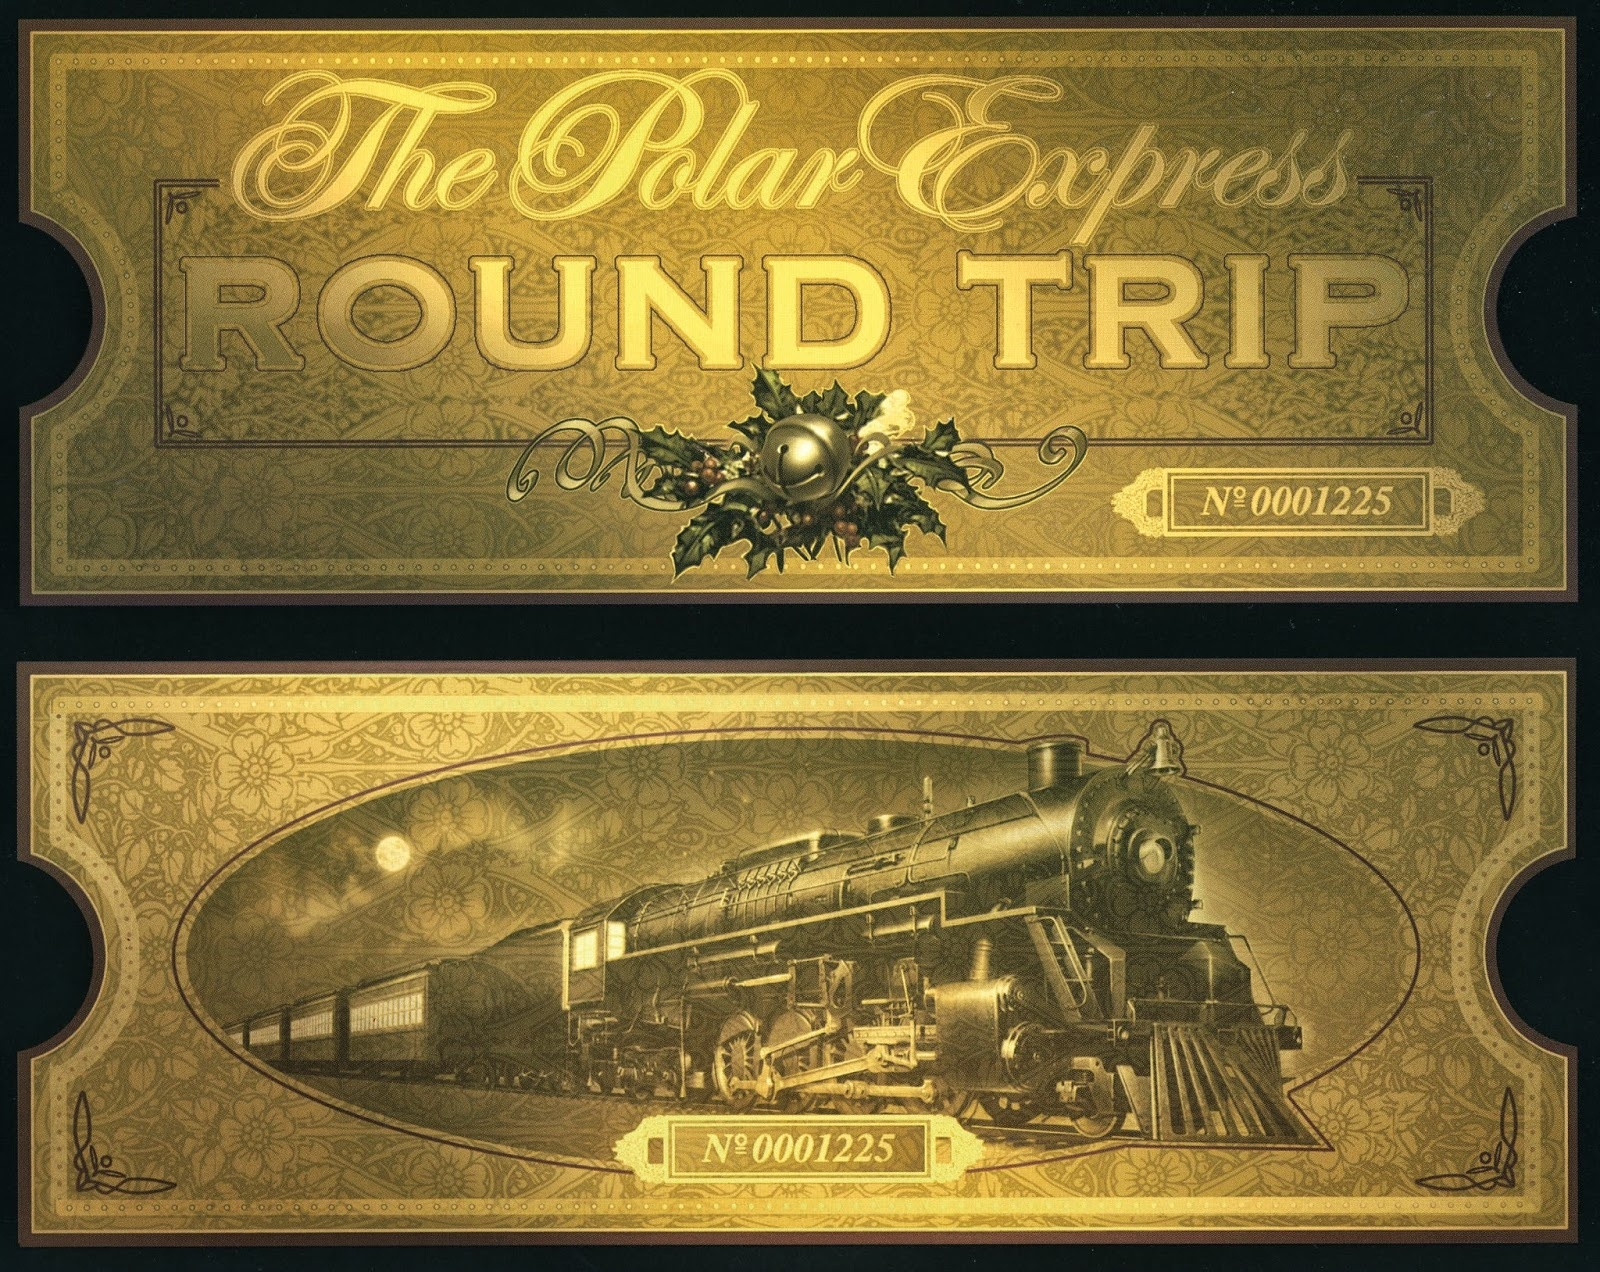 Polar Express Movie Night - Free Printable - Savvy Nana - Free Polar Express Printable Tickets